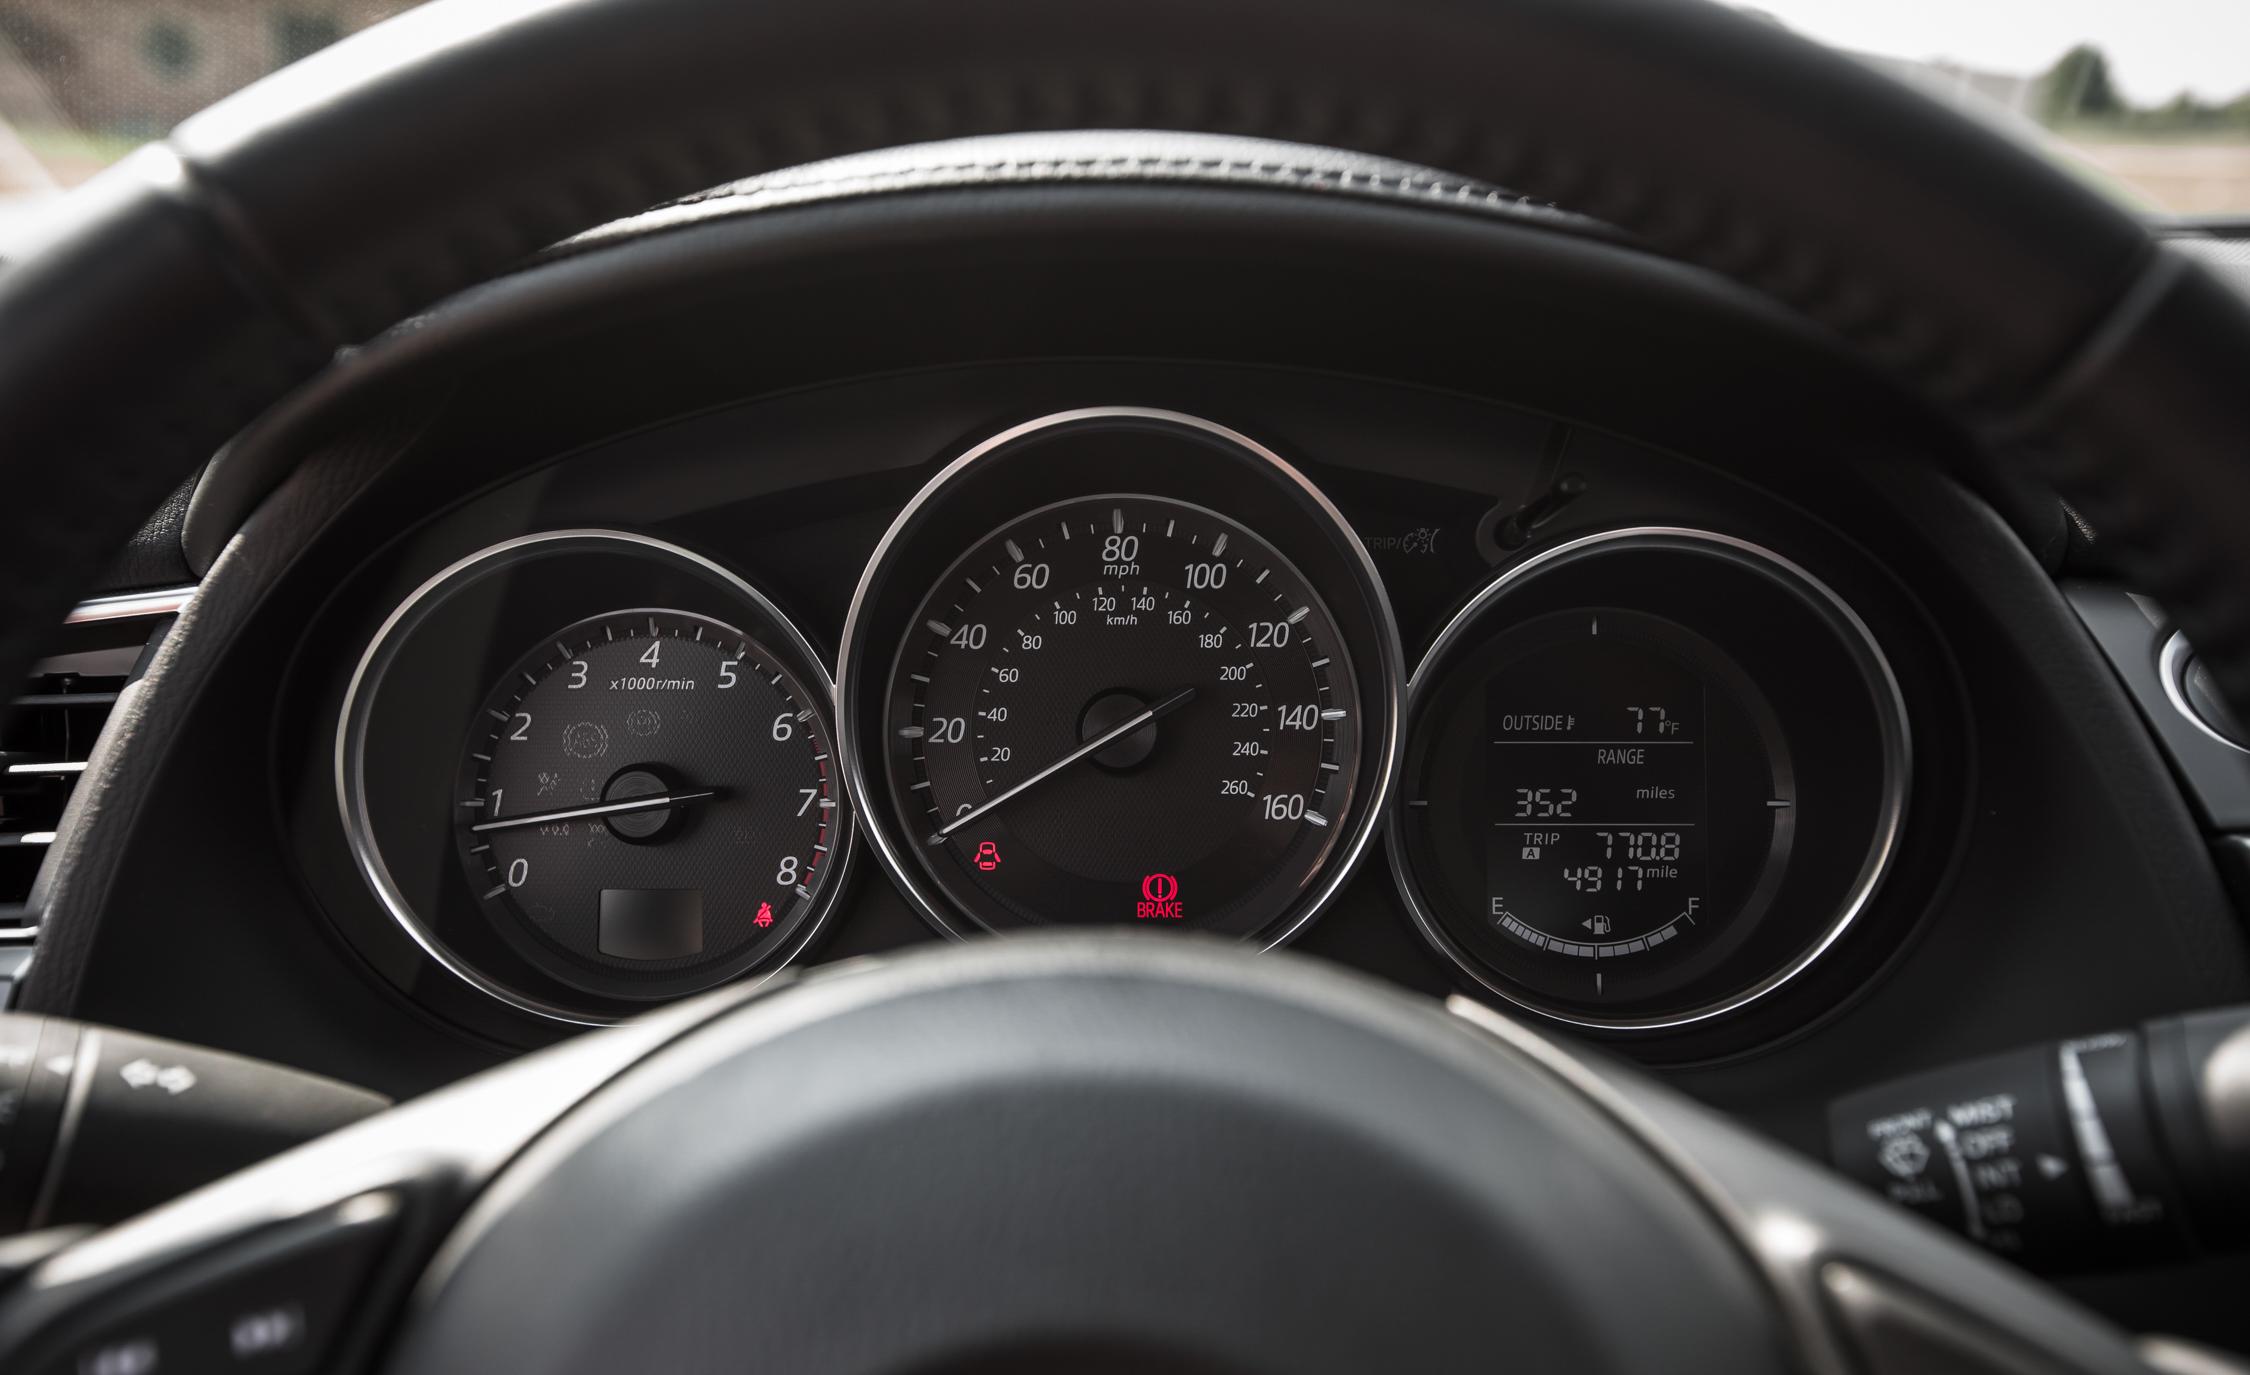 2016 Mazda 6 Touring Interior Speedometer